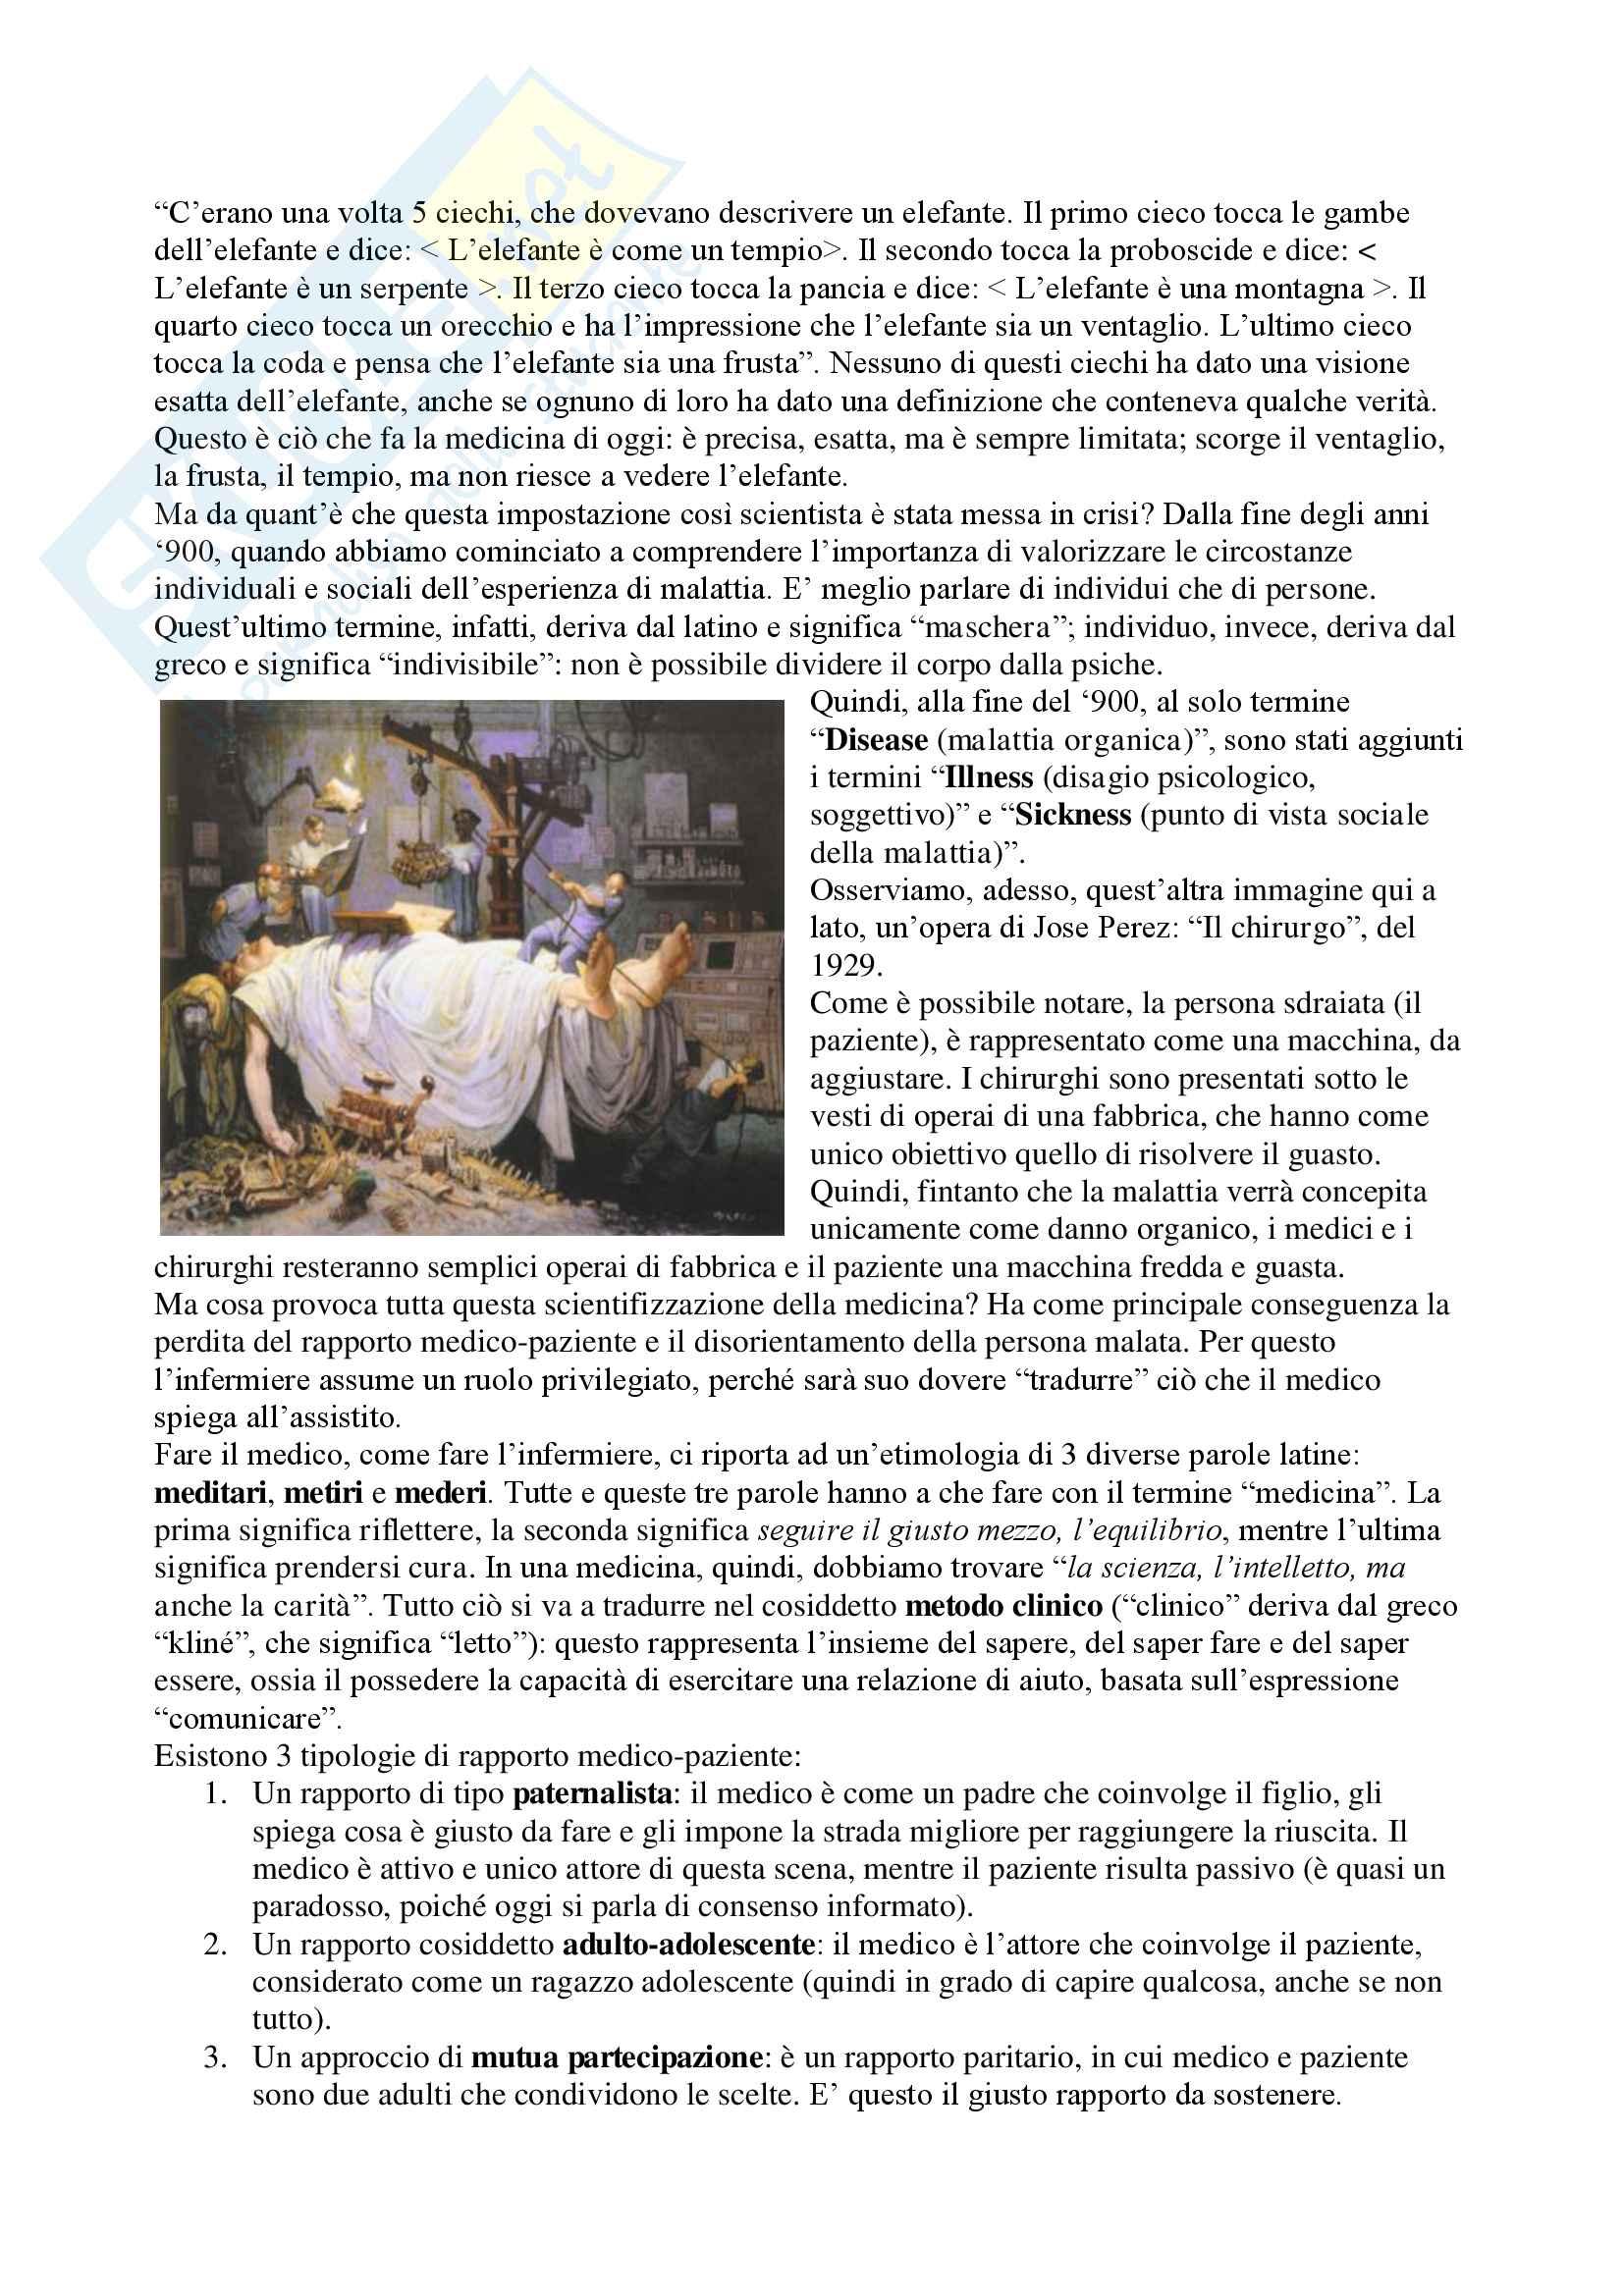 Storia Della Medicina - Appunti Completi Pag. 2